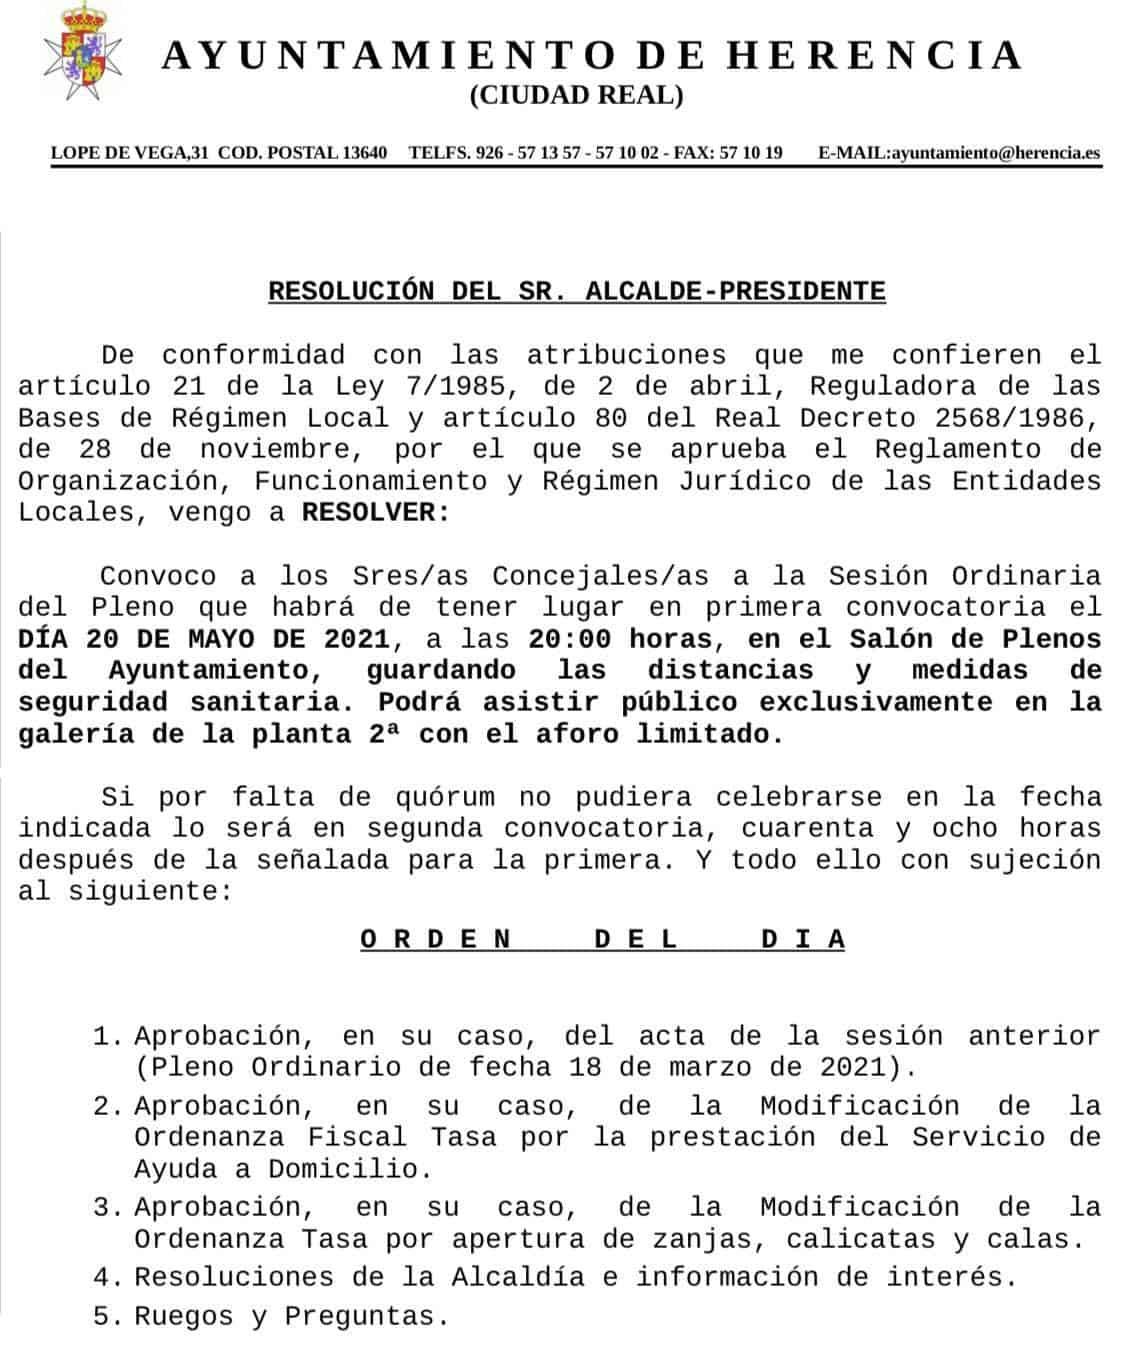 Próximo Pleno del Ayuntamiento de Herencia el 20 de mayo de 2021 3